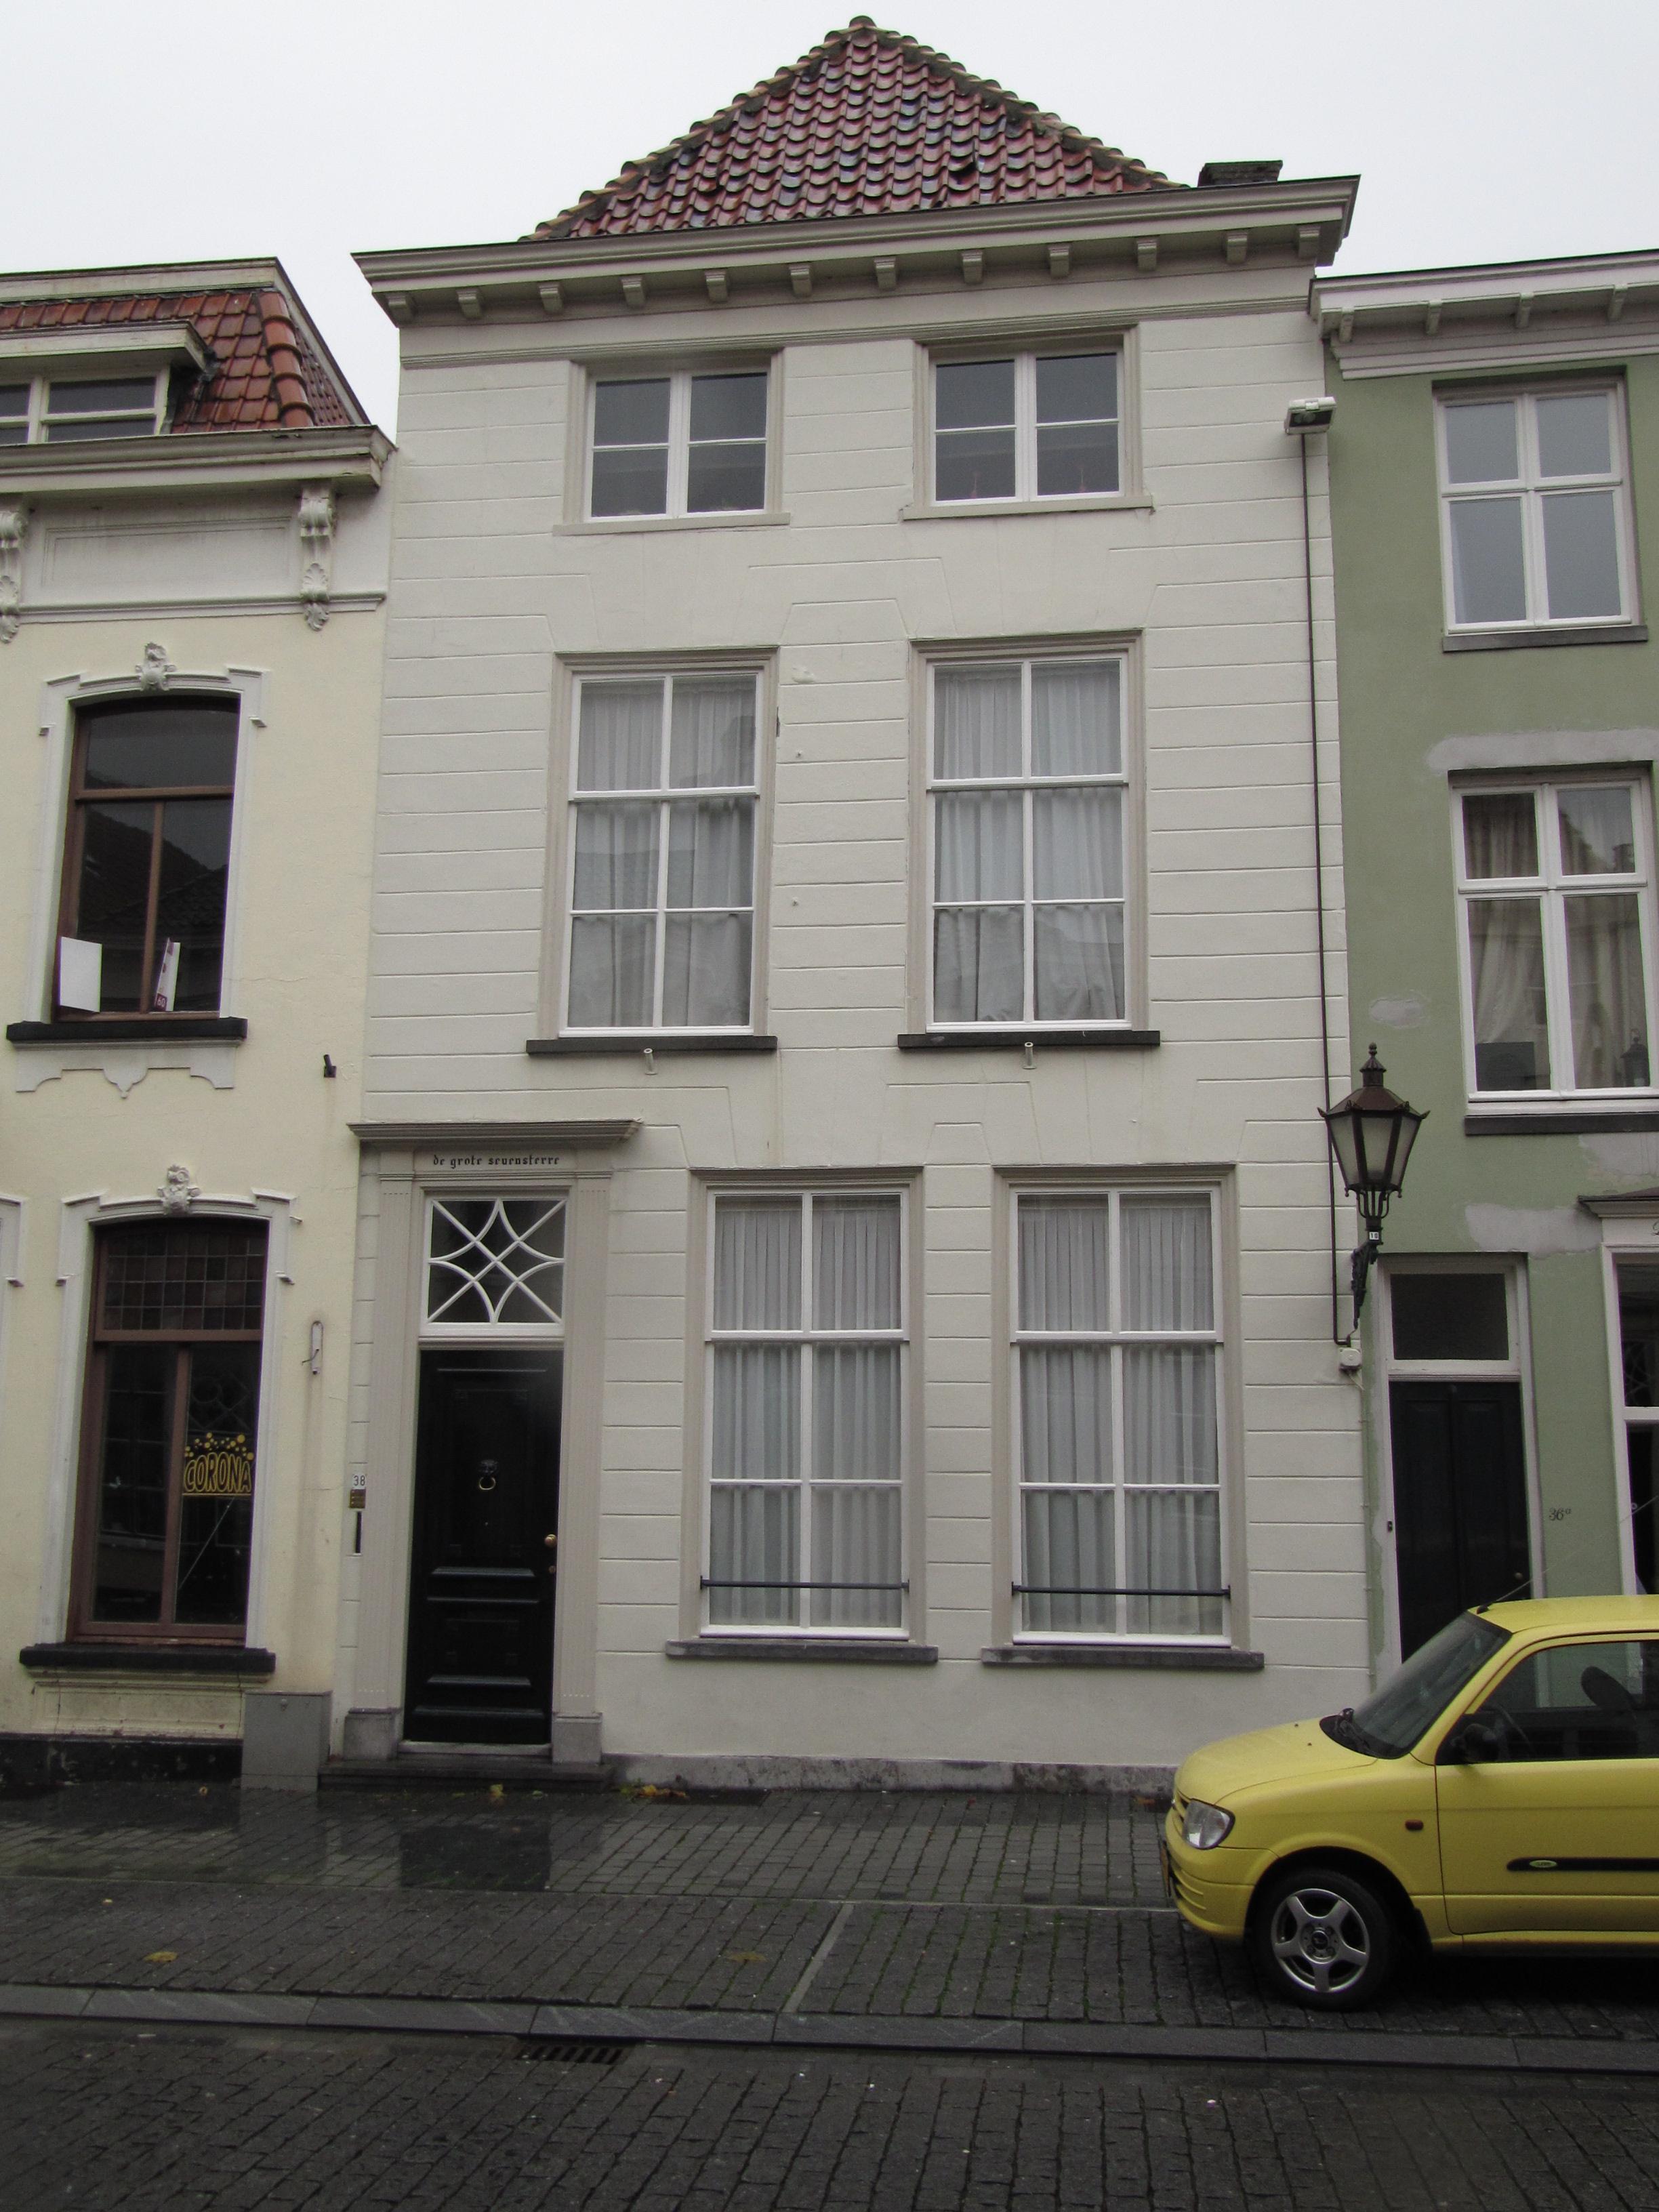 Huis met gebosseerd gepleisterde lijstgevel kroonlijst op klossen en ingang tussen - Tussen huis ...